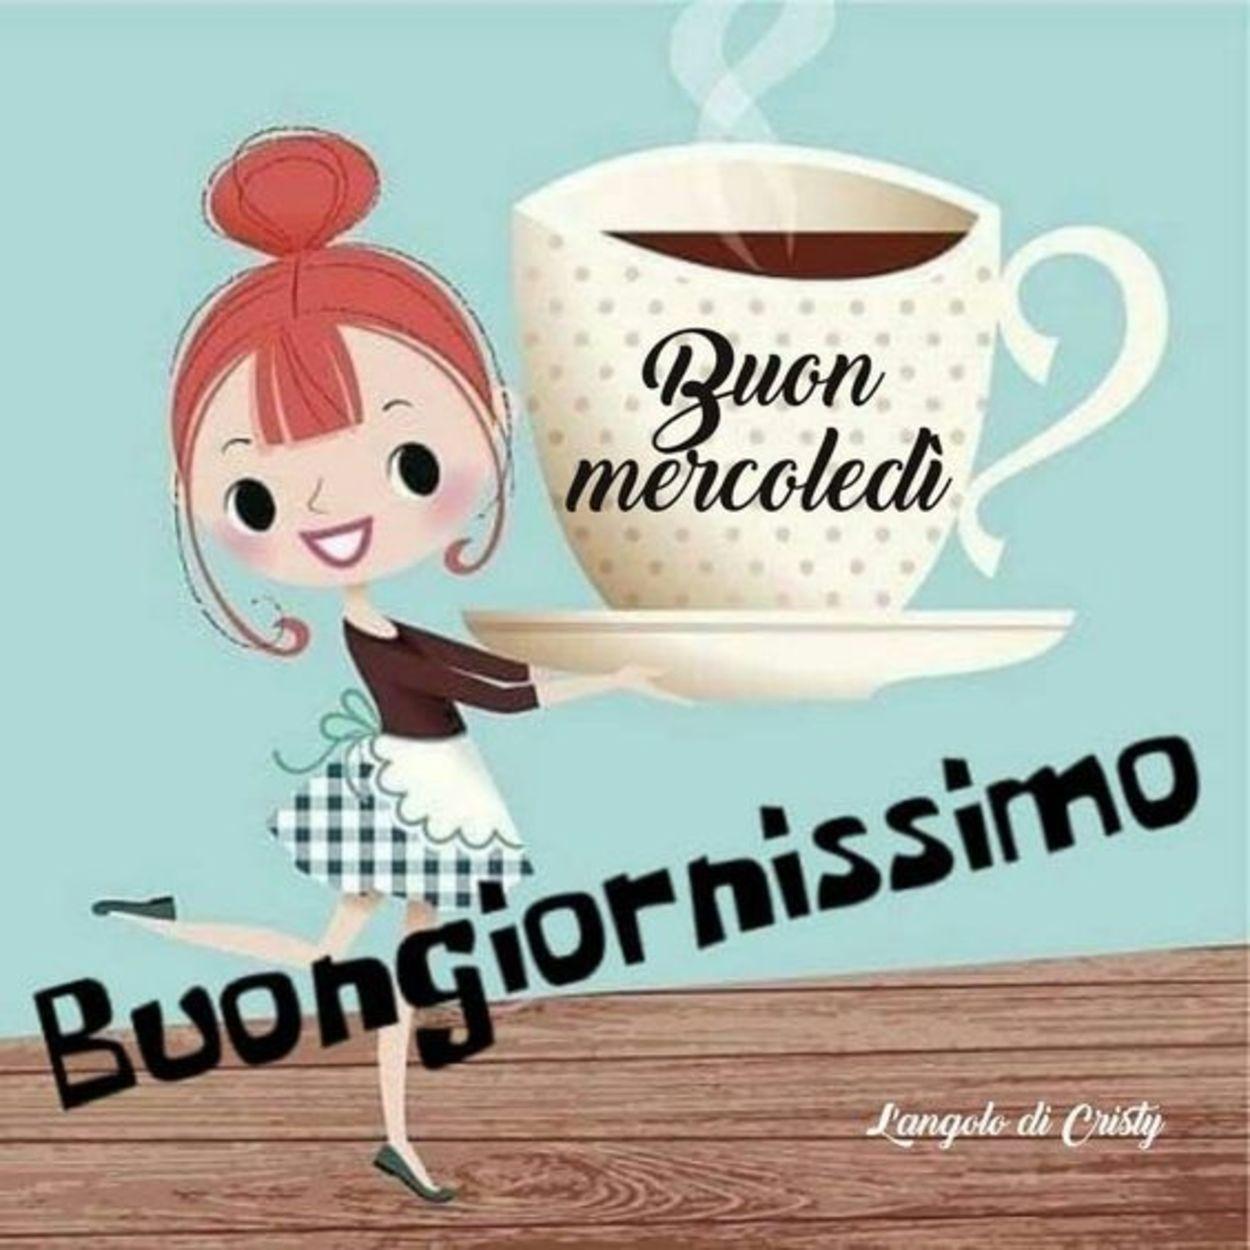 Buongiornissimo caffè di buon mercoledì